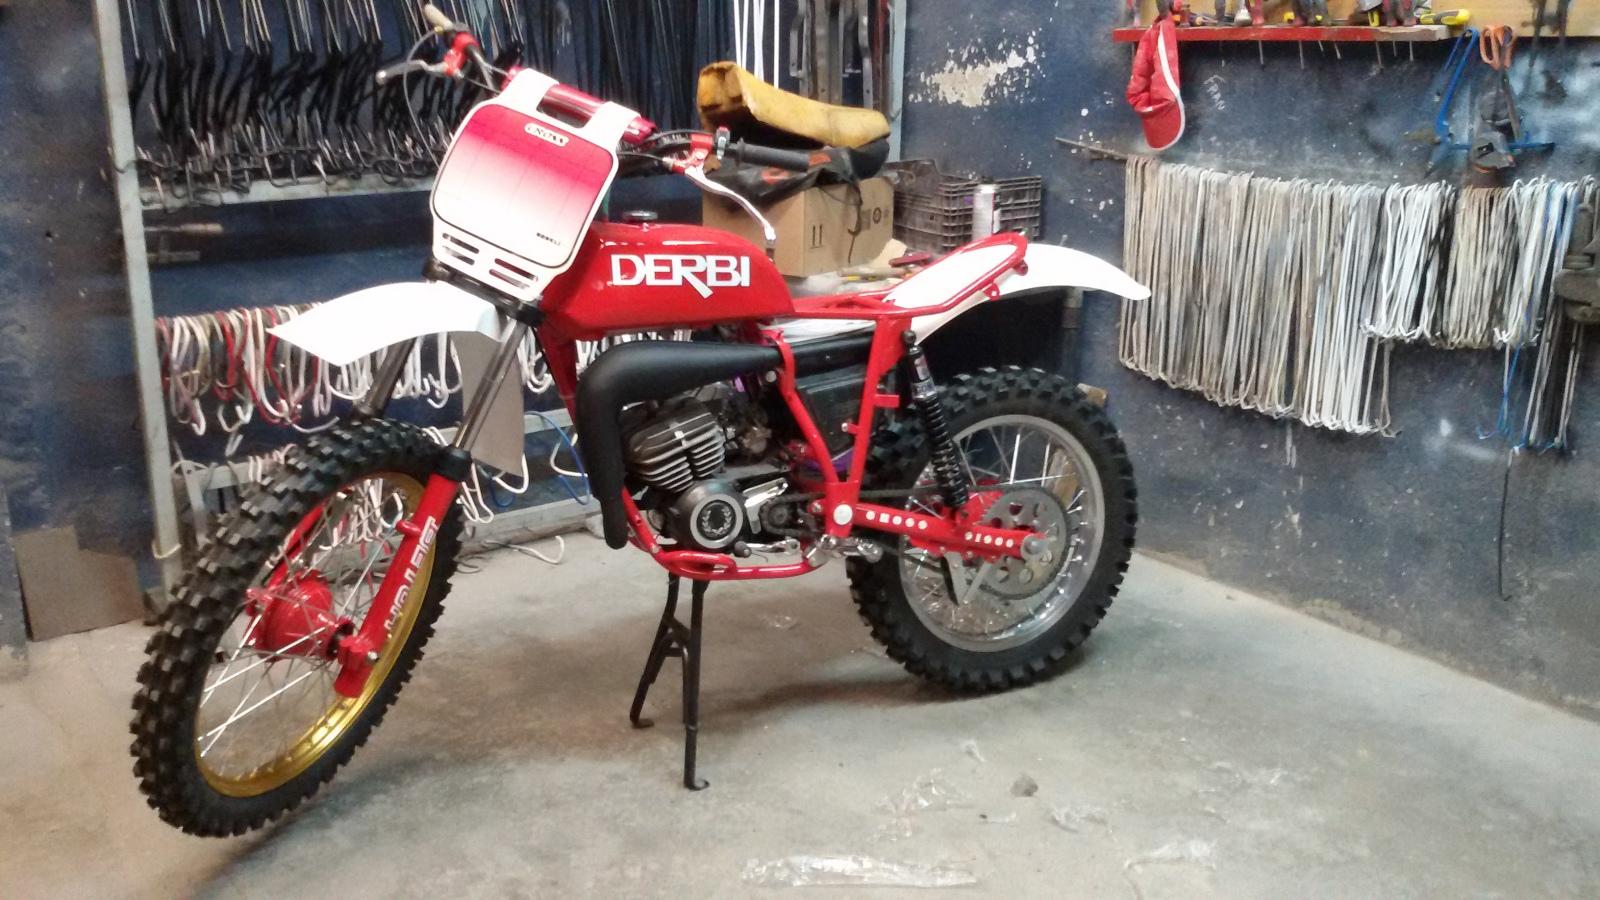 Proyecto Derbi 74 2n08w8p